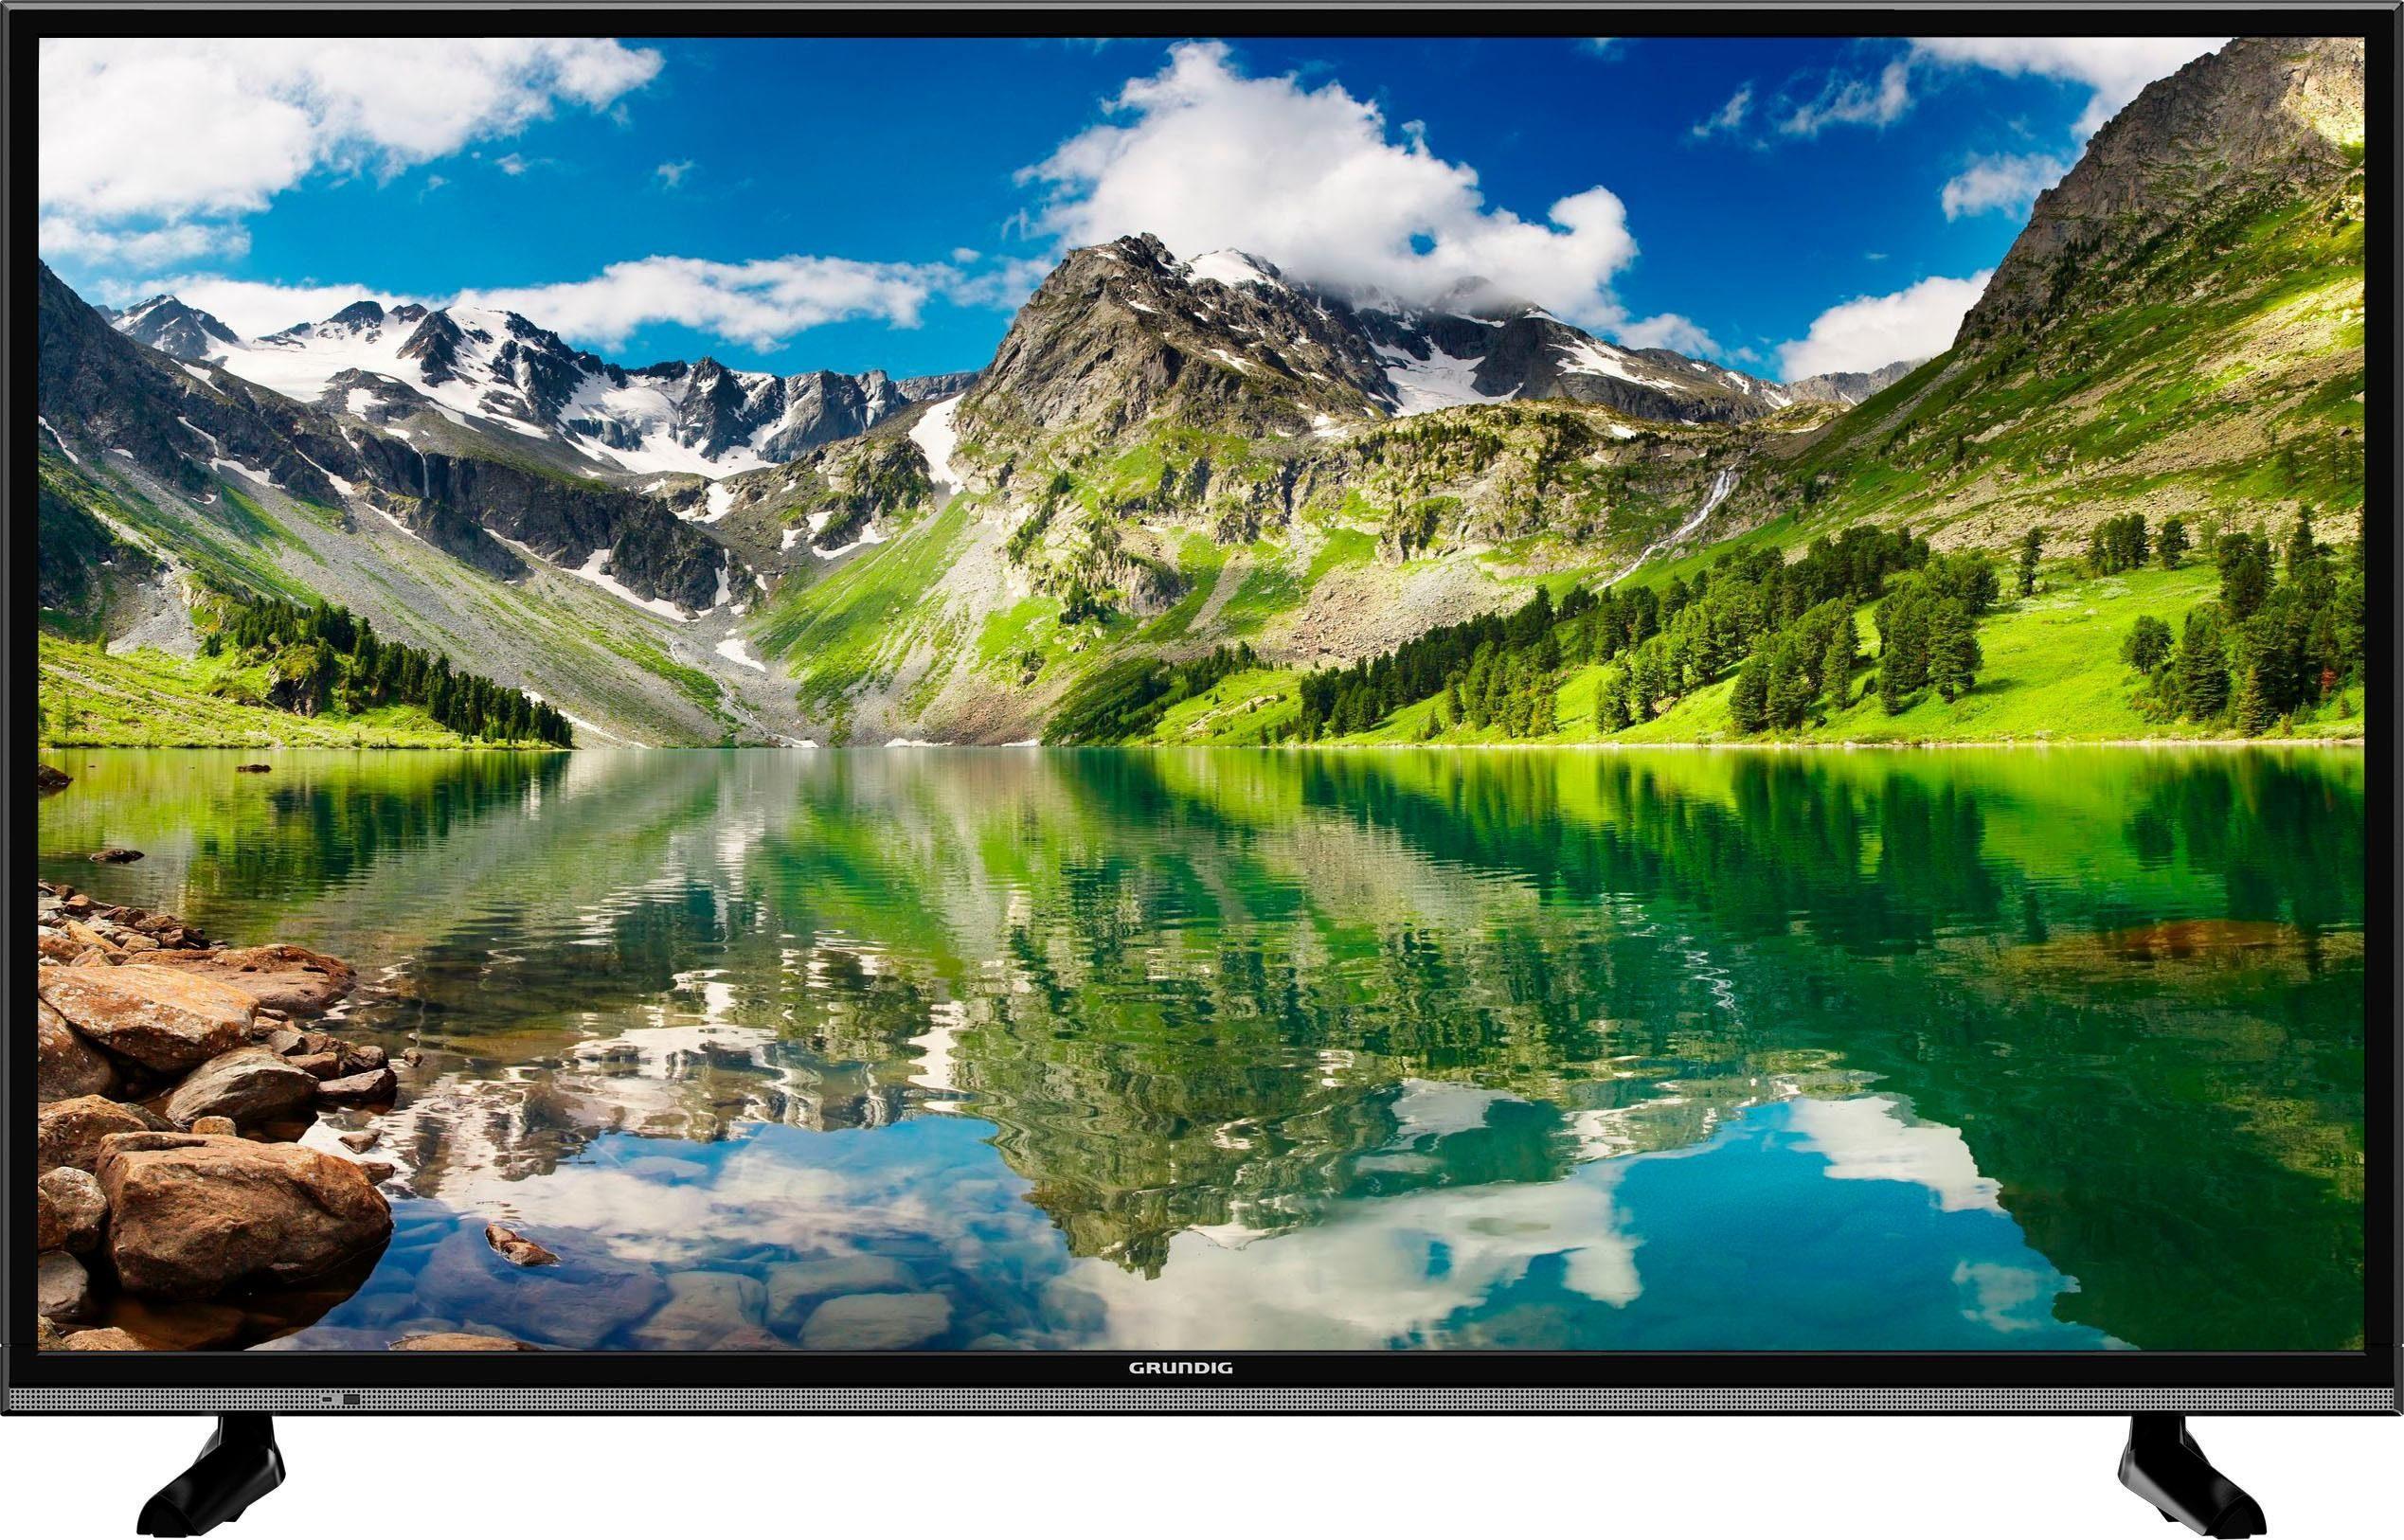 Grundig 49 VLX 8000 BP LED-Fernseher (49 Zoll, Smart-TV)